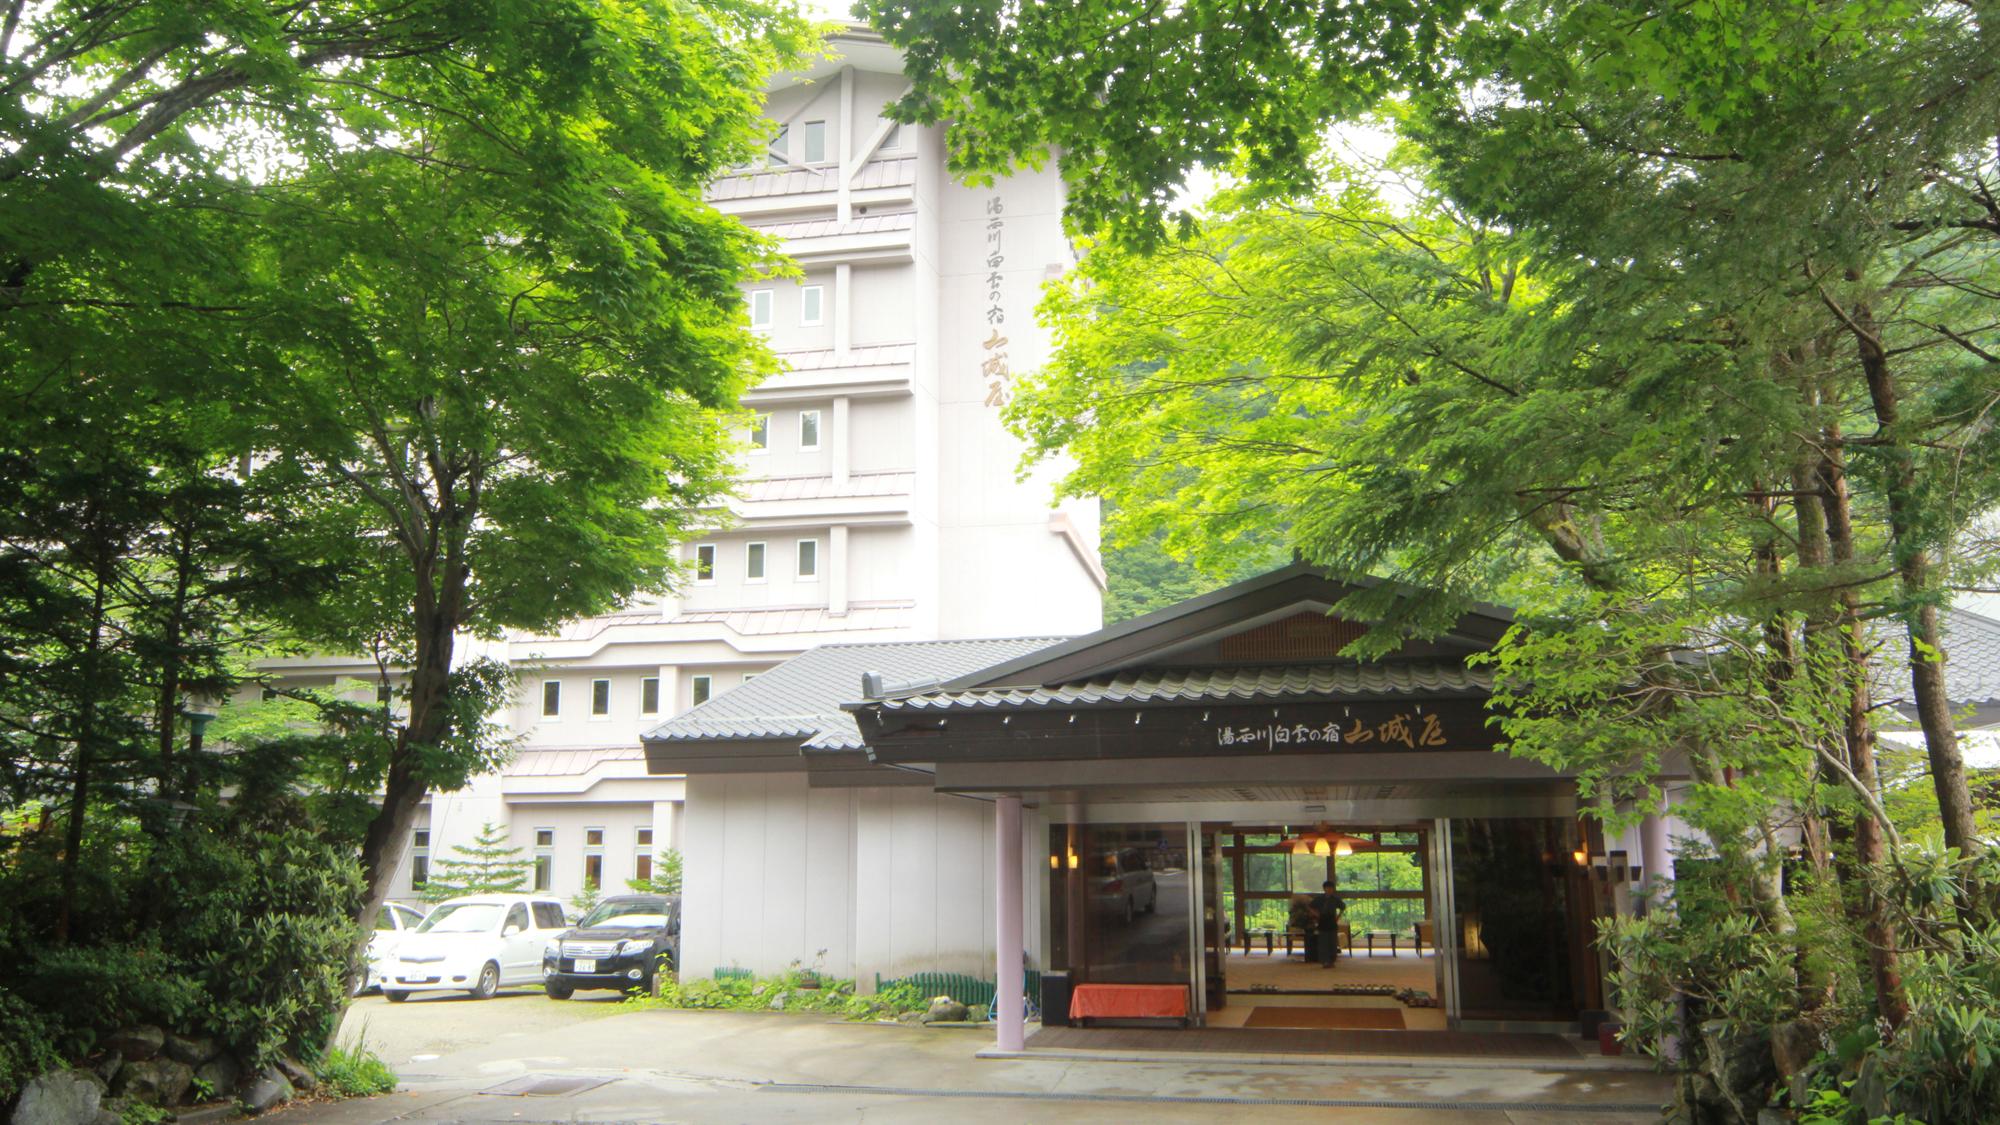 湯西川白雲の宿 山城屋◆楽天トラベル